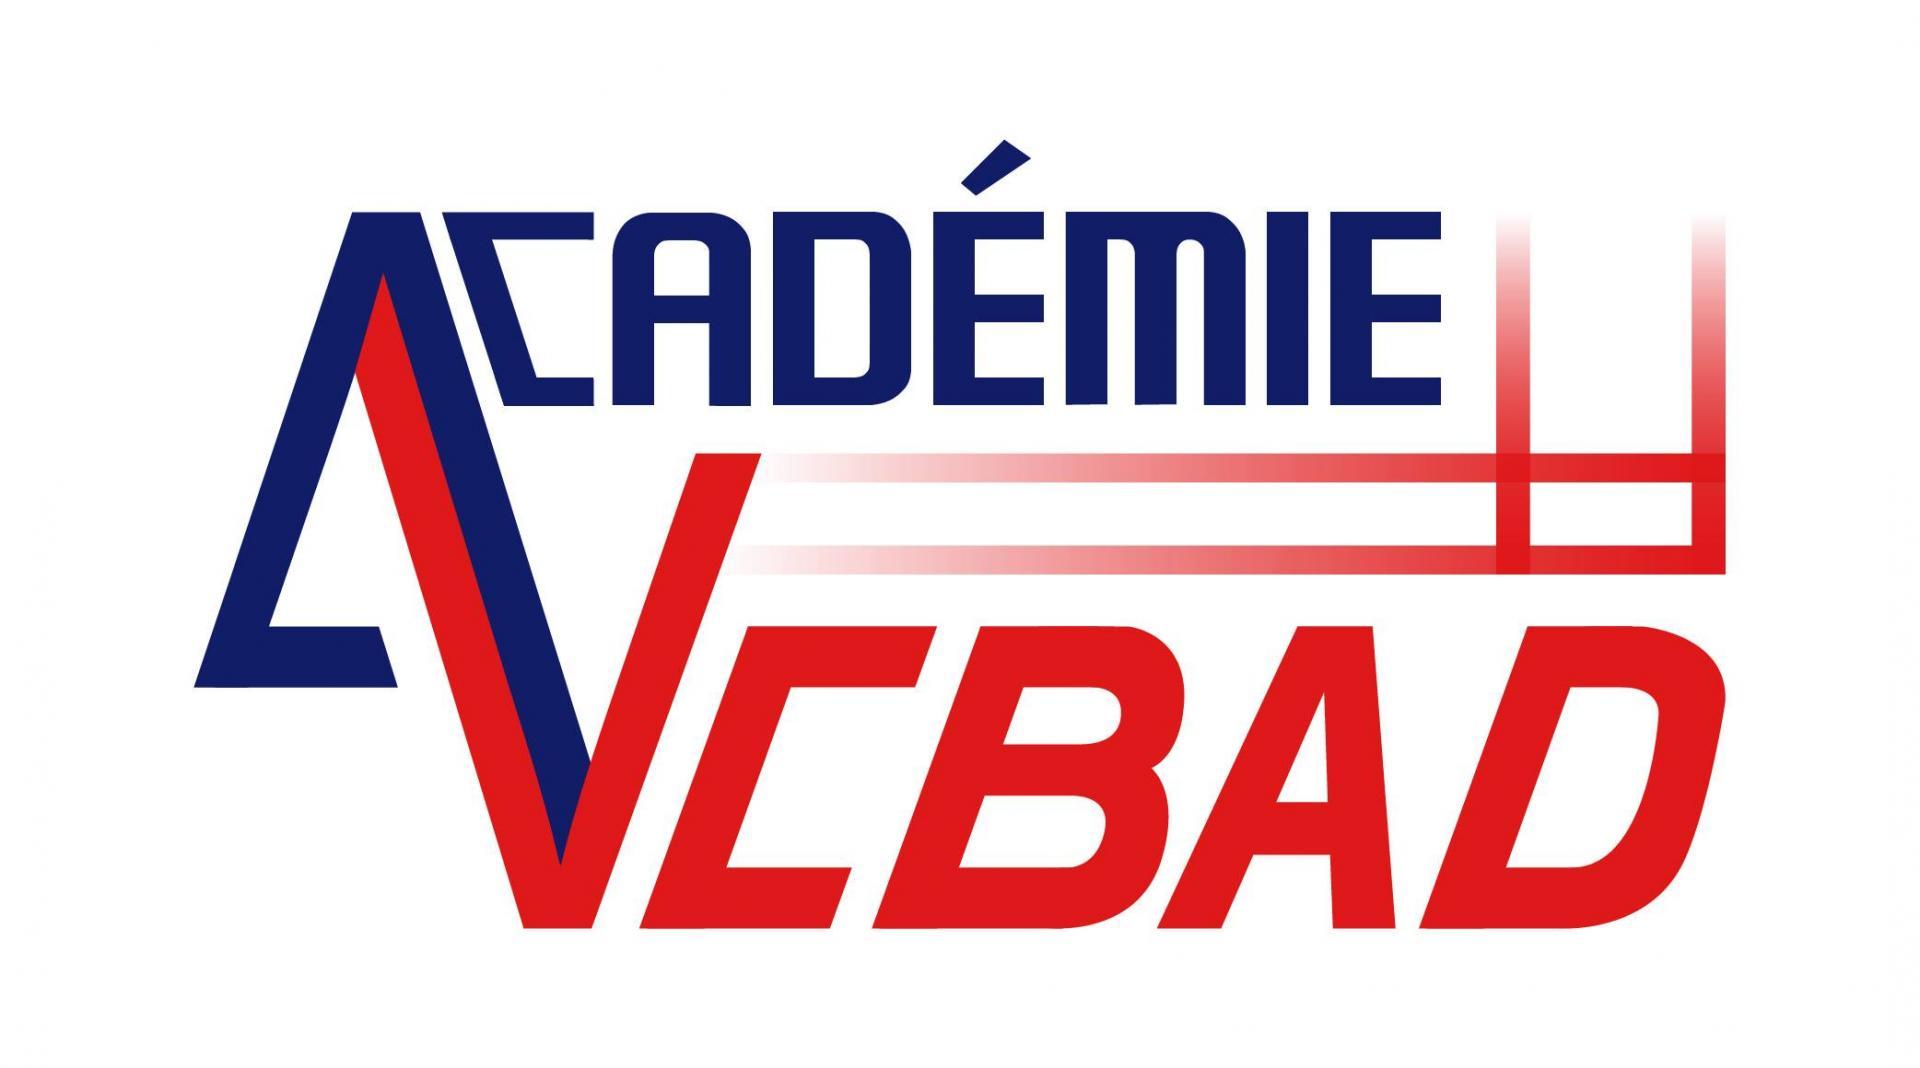 Le VCBAD lance son Académie